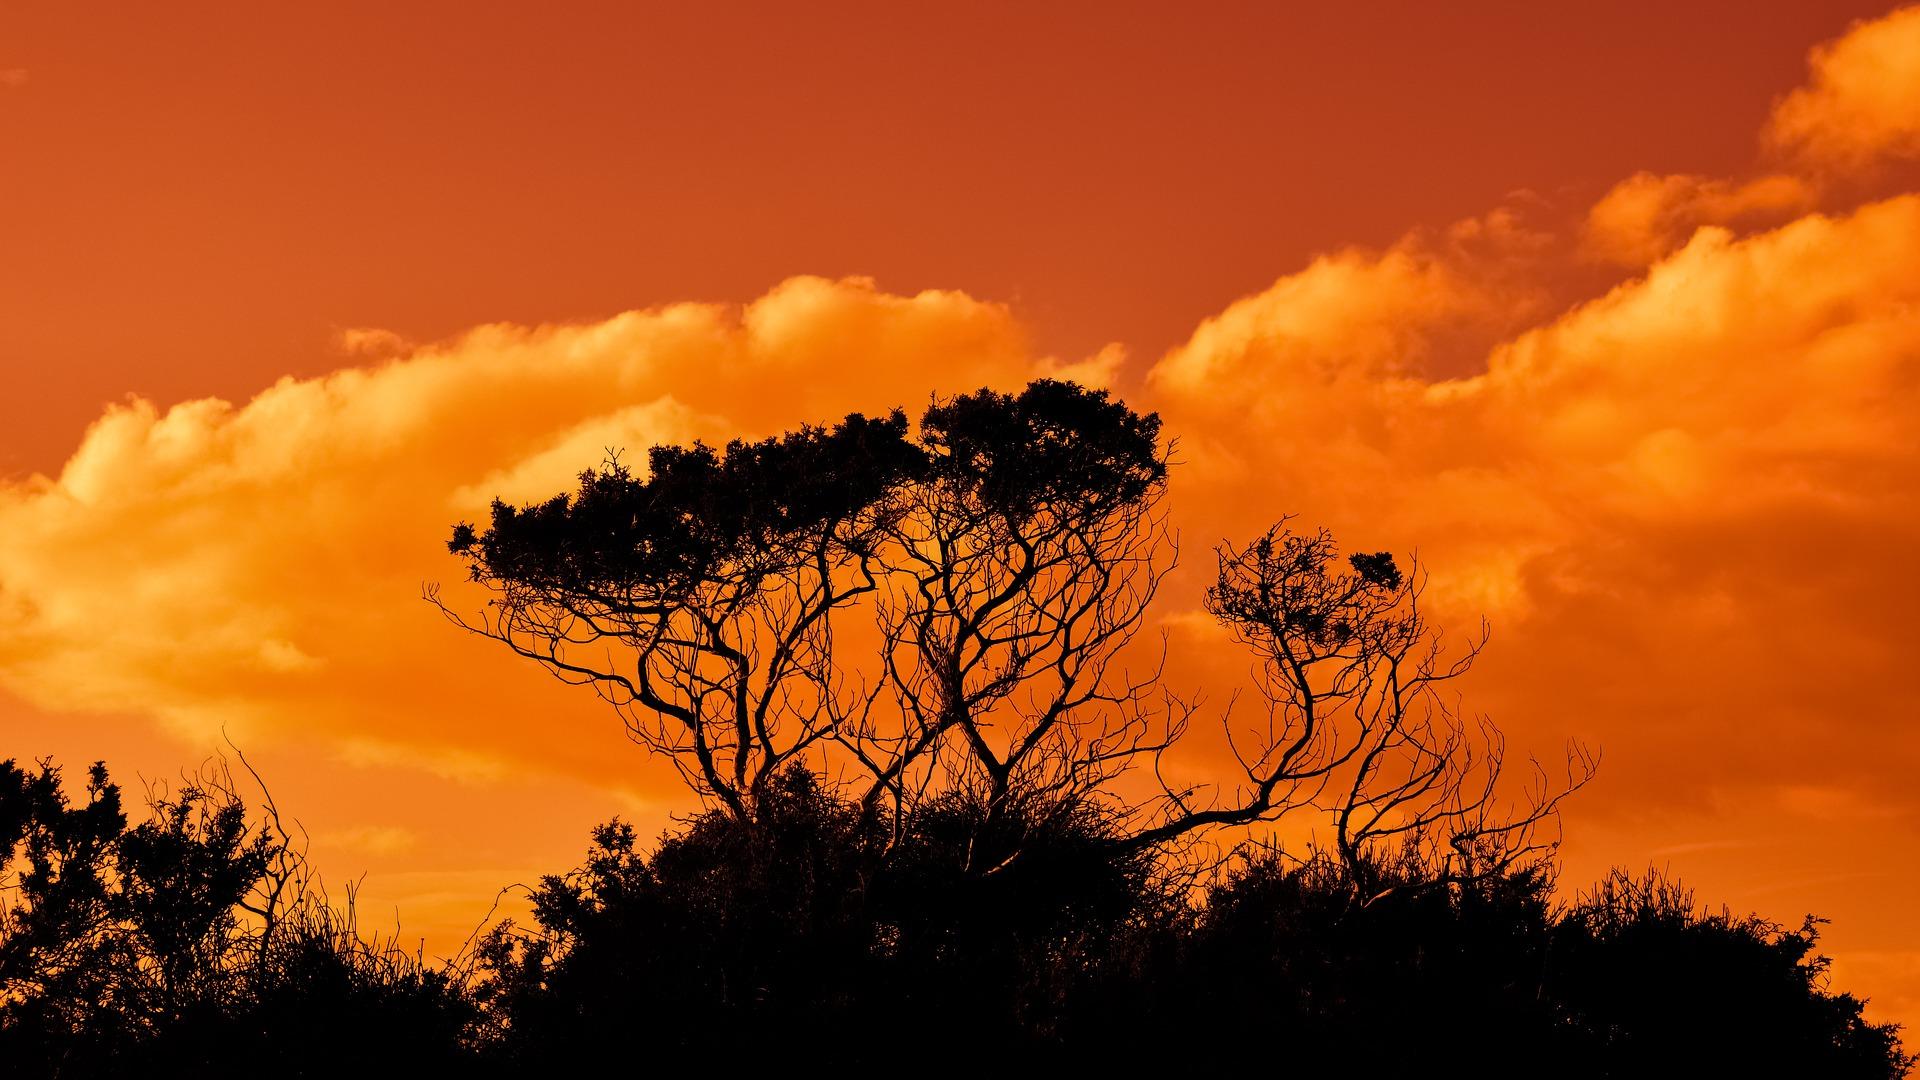 trees-2920264_1920